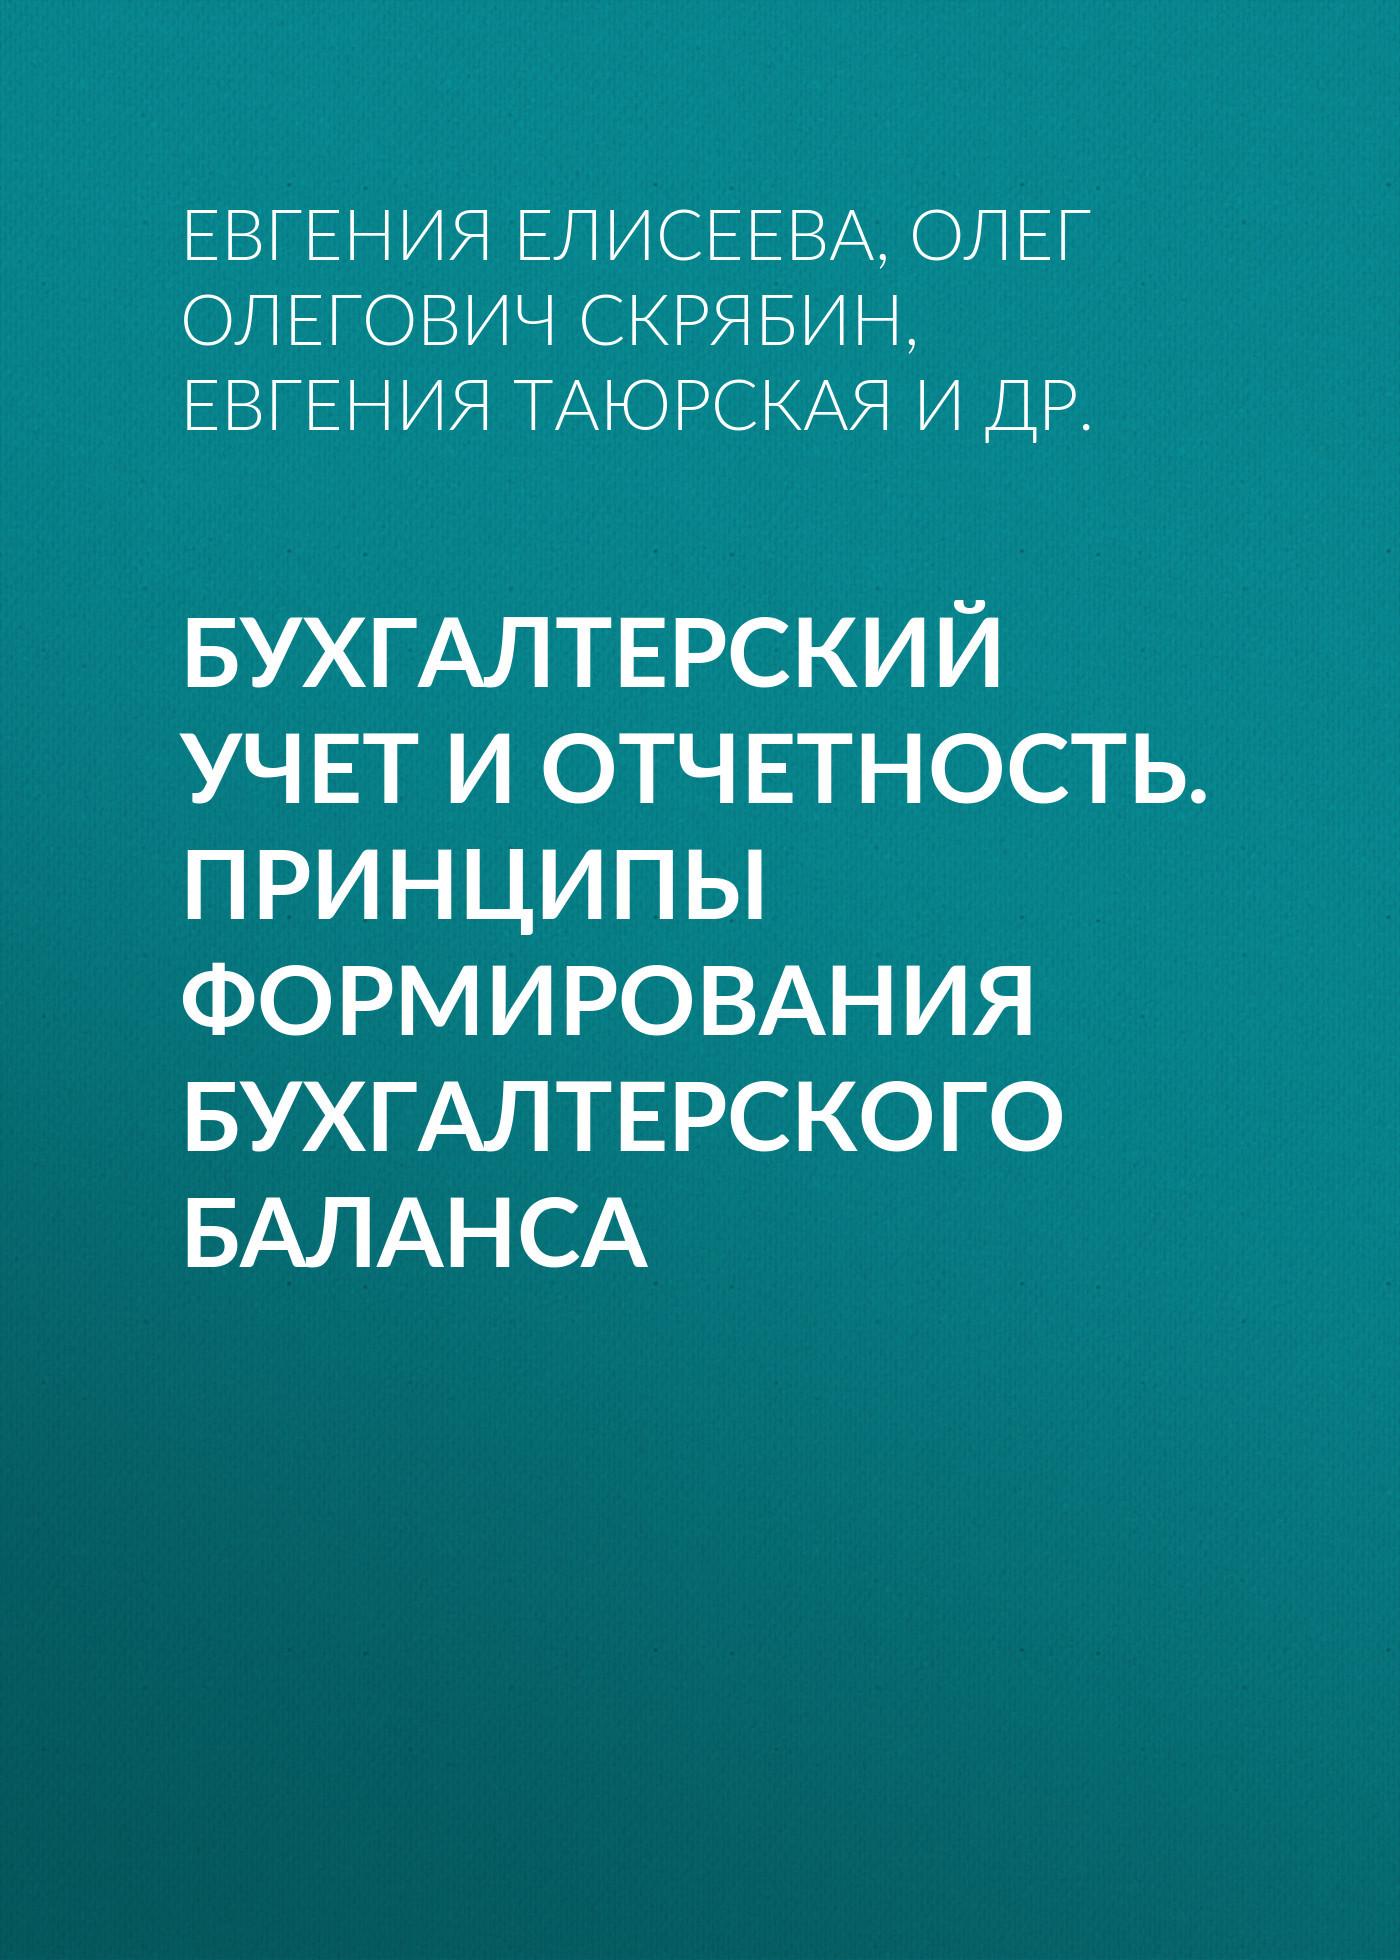 Евгения Елисеева. Бухгалтерский учет и отчетность. Принципы формирования бухгалтерского баланса